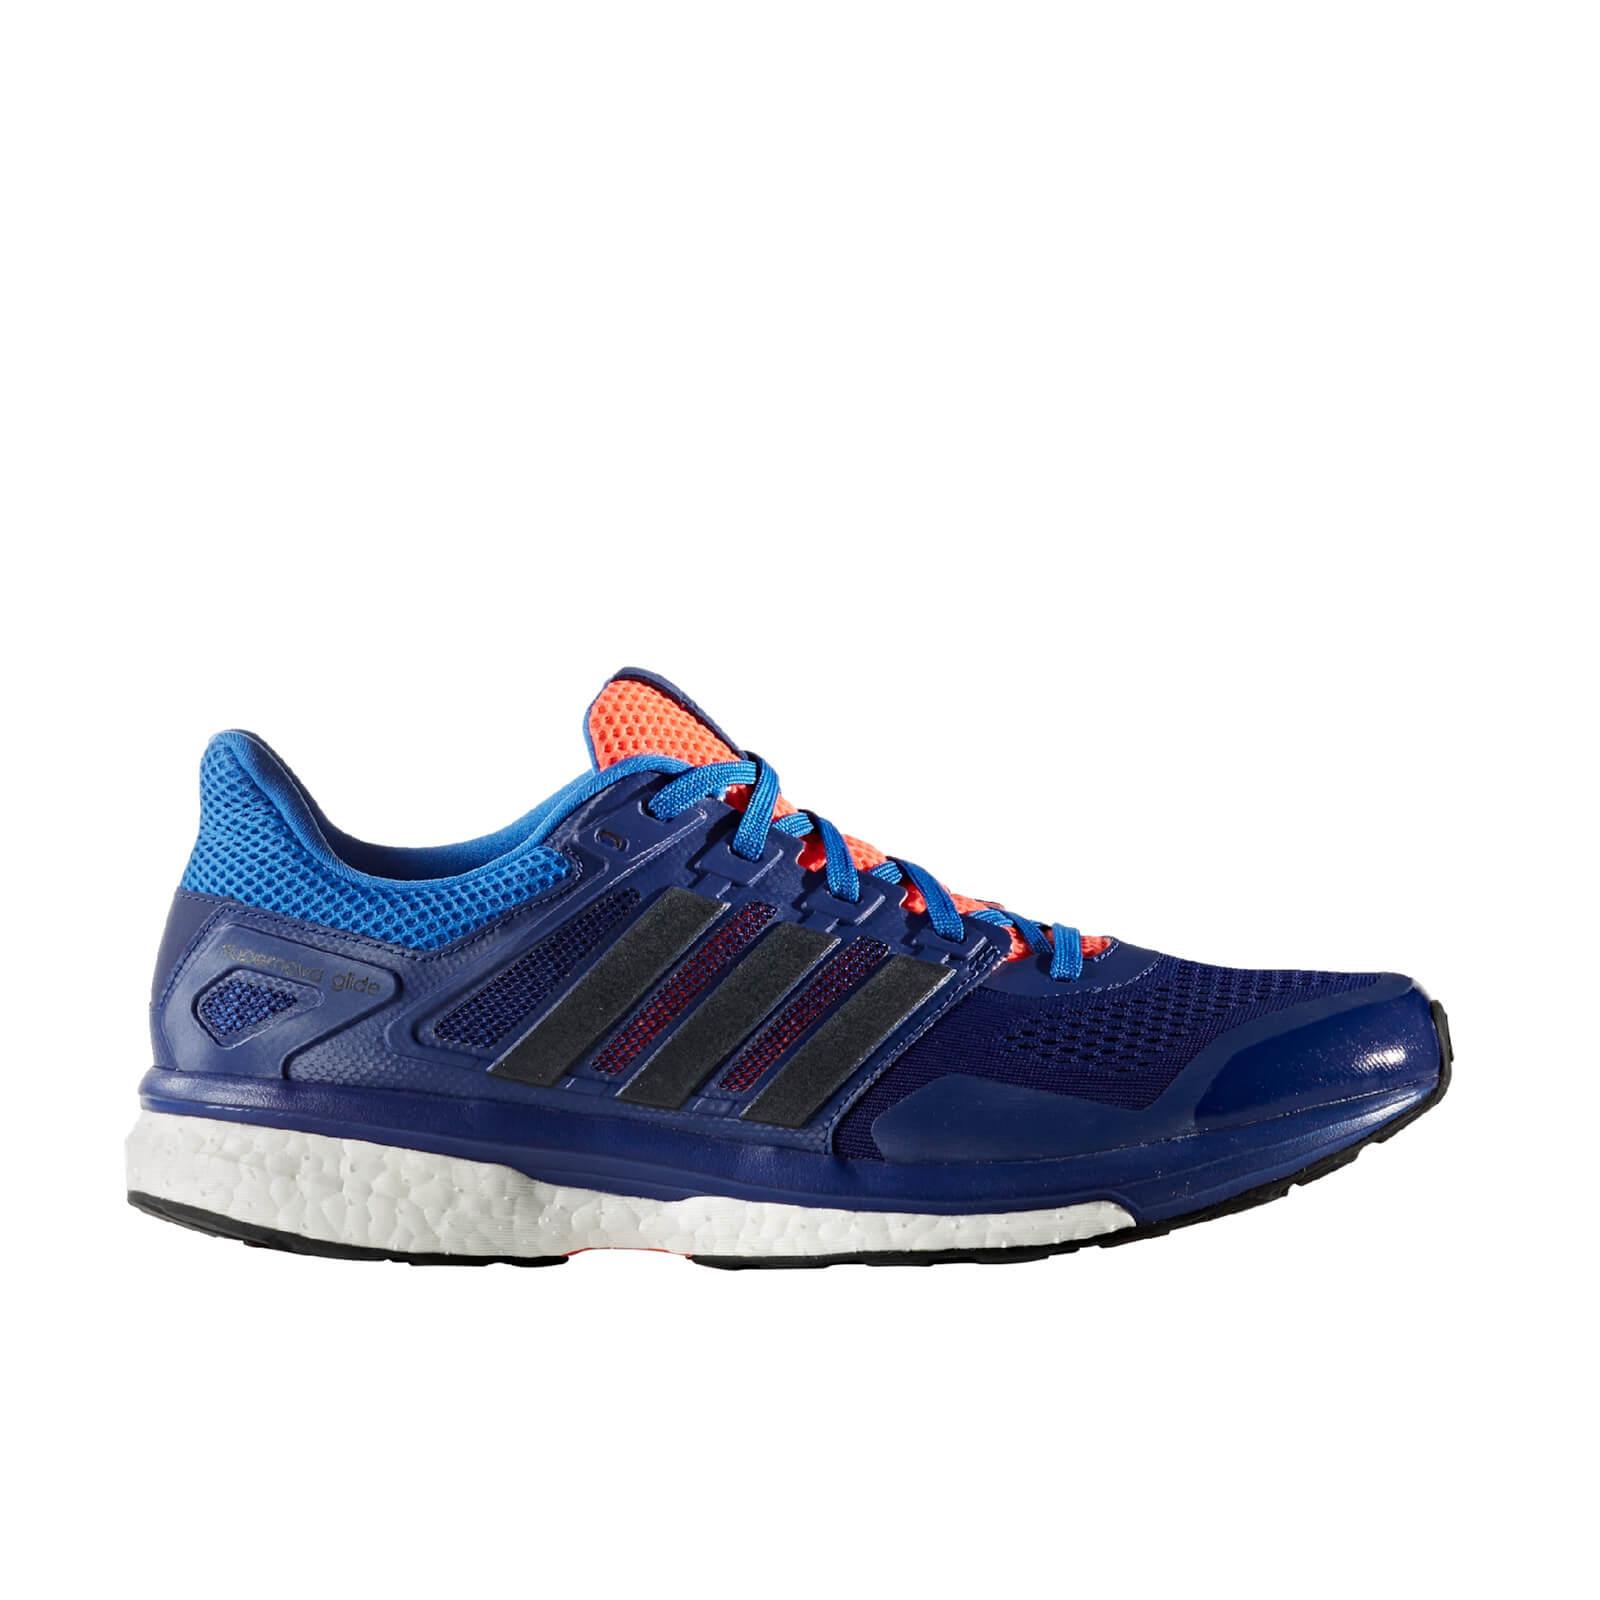 745979a09fd84 adidas Men s Supernova Glide 8 Running Shoes - Blue